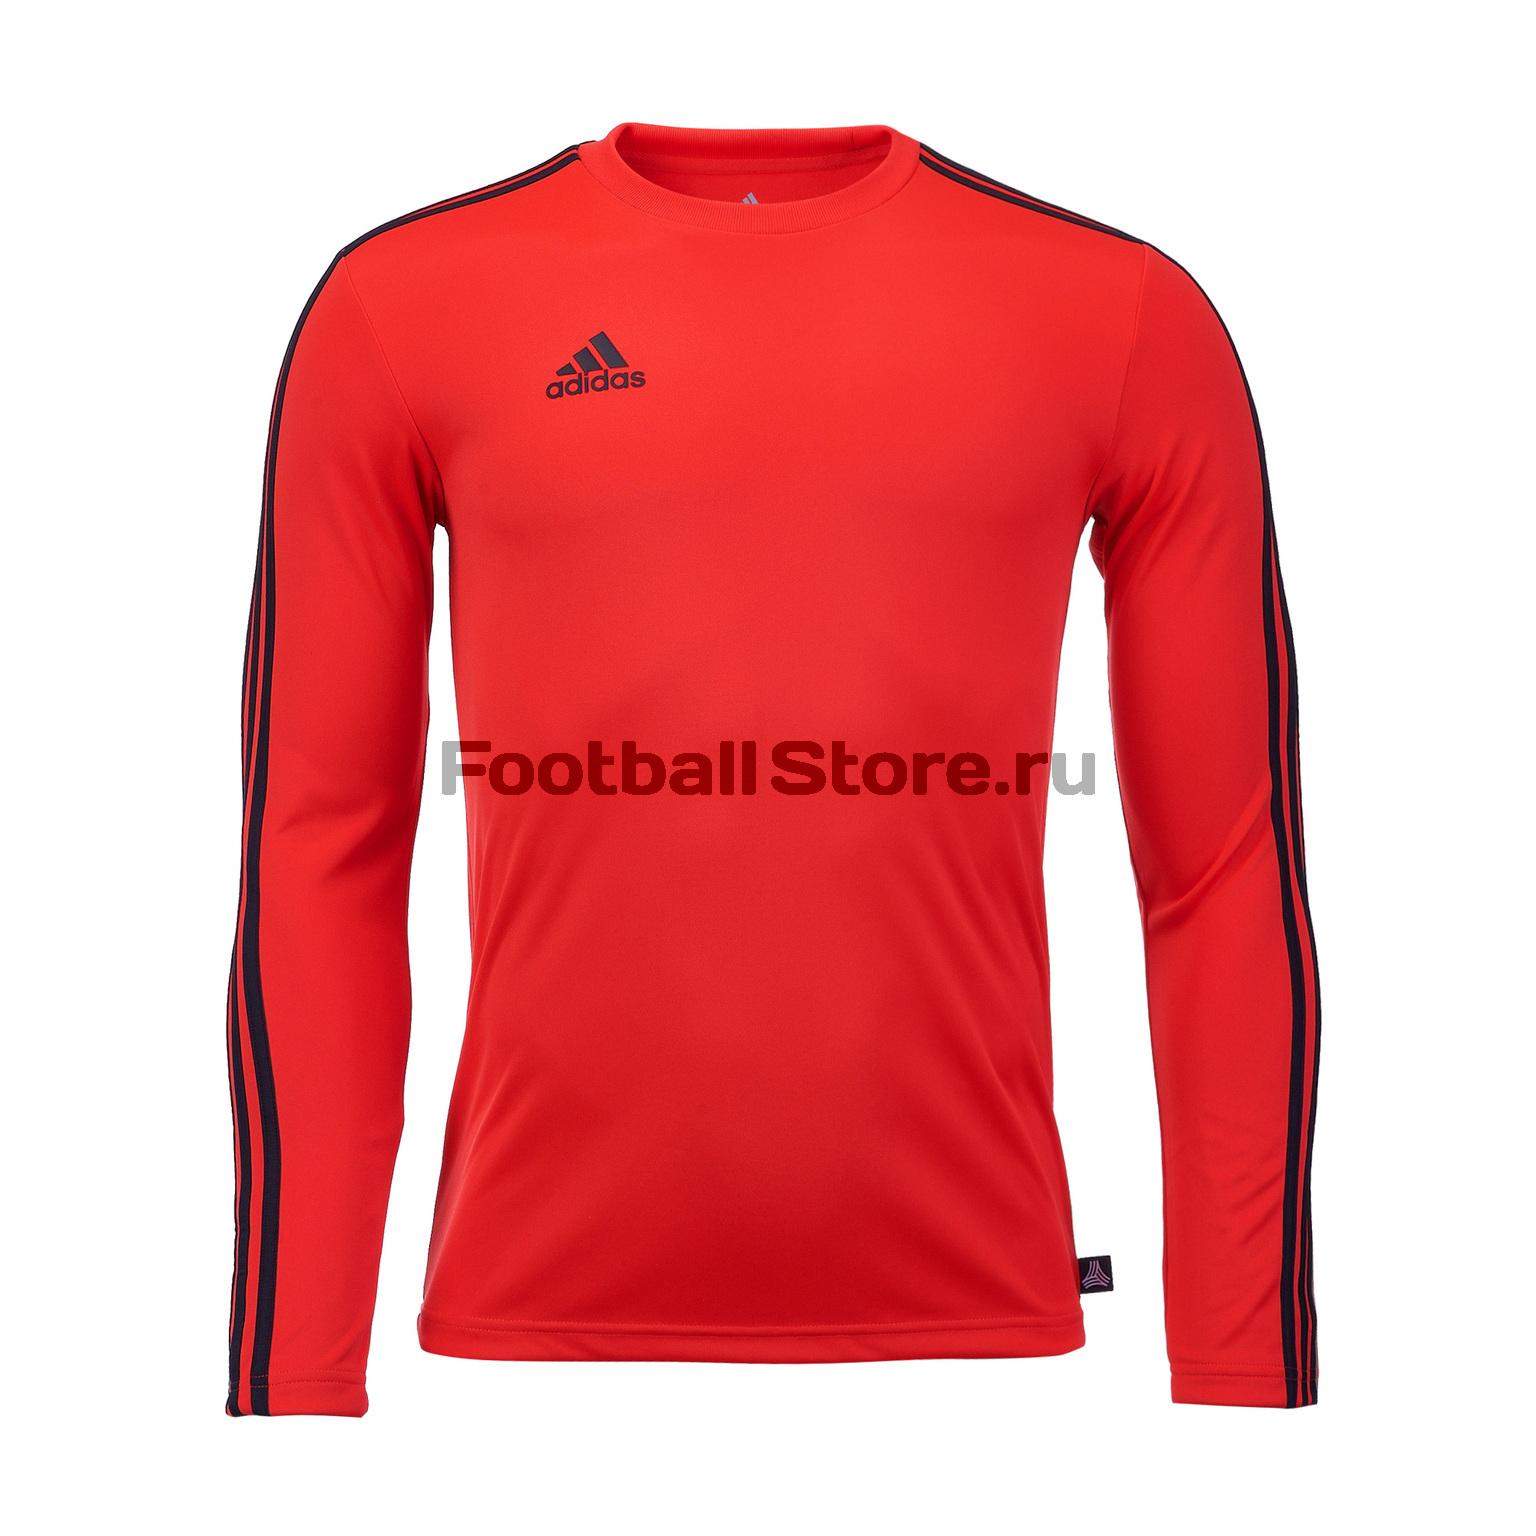 Футболка с длинным рукавом Adidas Tango Terry CZ3995 футболка с длинным рукавом adidas tango tee dj1498